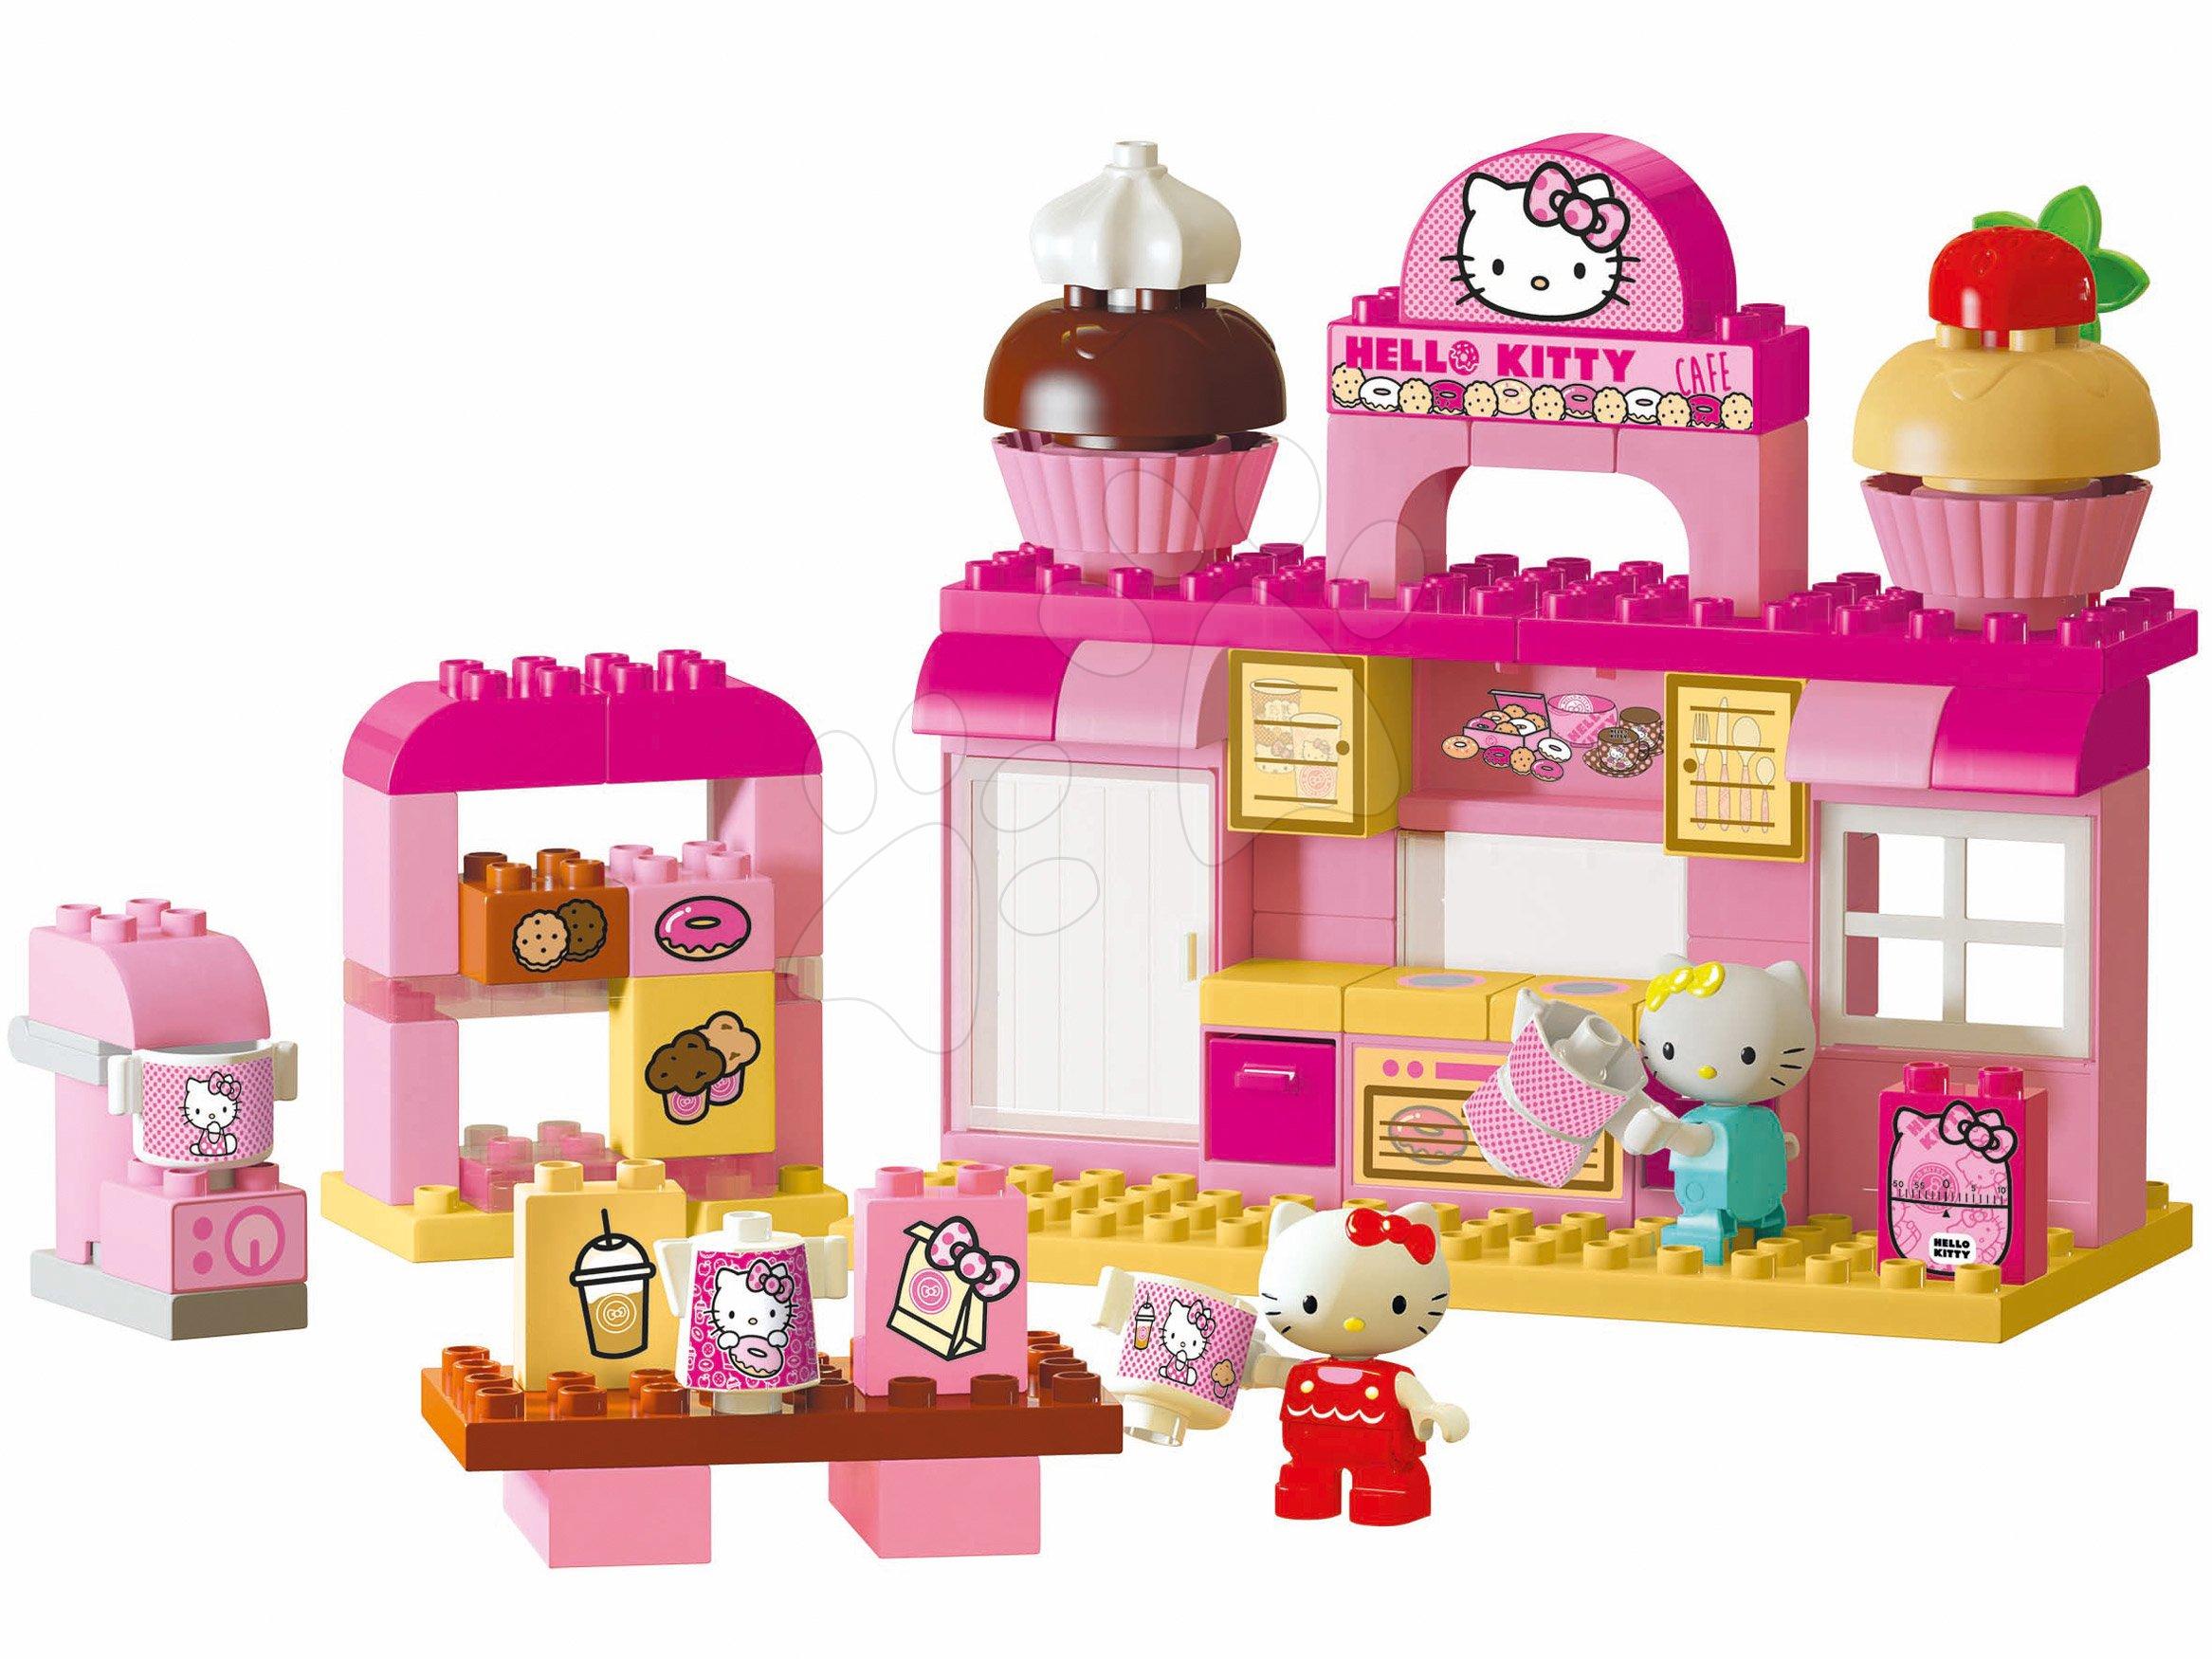 Stavebnice BIG-Bloxx ako lego - Stavebnica PlayBIG Bloxx Backerei BIG Hello Kitty v pekárni s kamarátkou 82 dielov a 2 figúrky od 18 mes